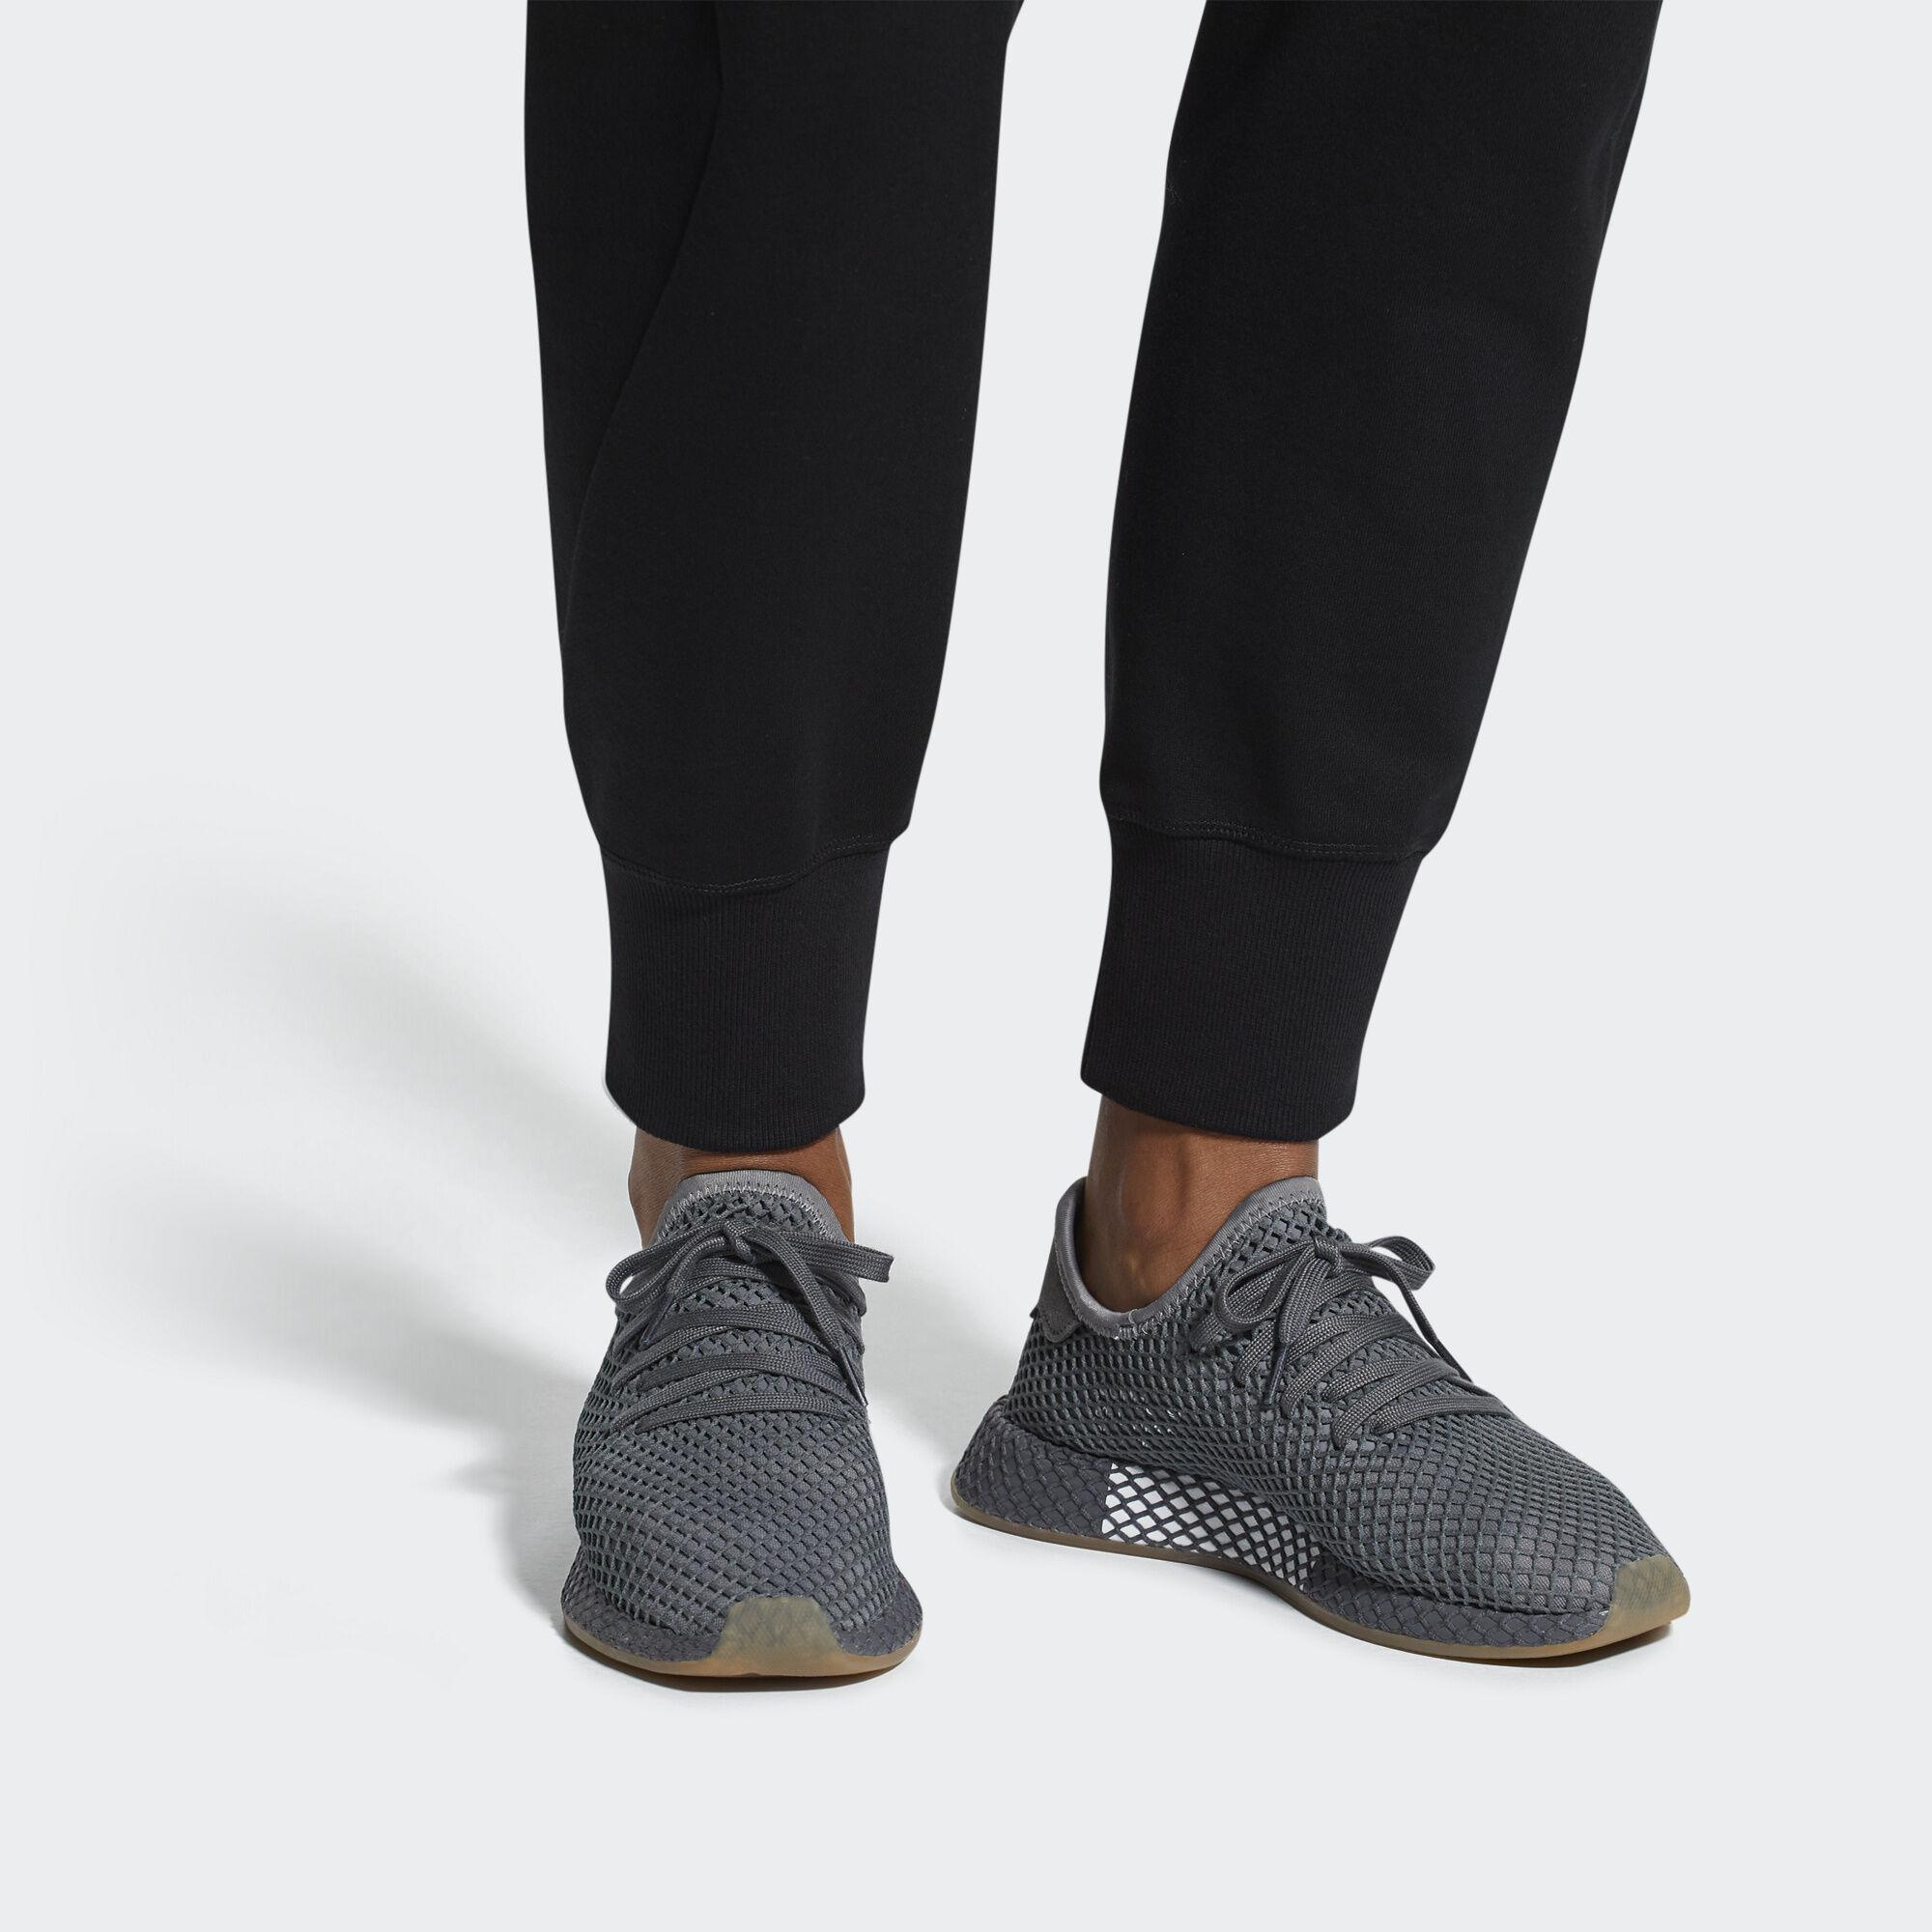 reputable site ccb3c a0f3c adidas Deerupt Runner Schuh - türkis  adidas Deutschland